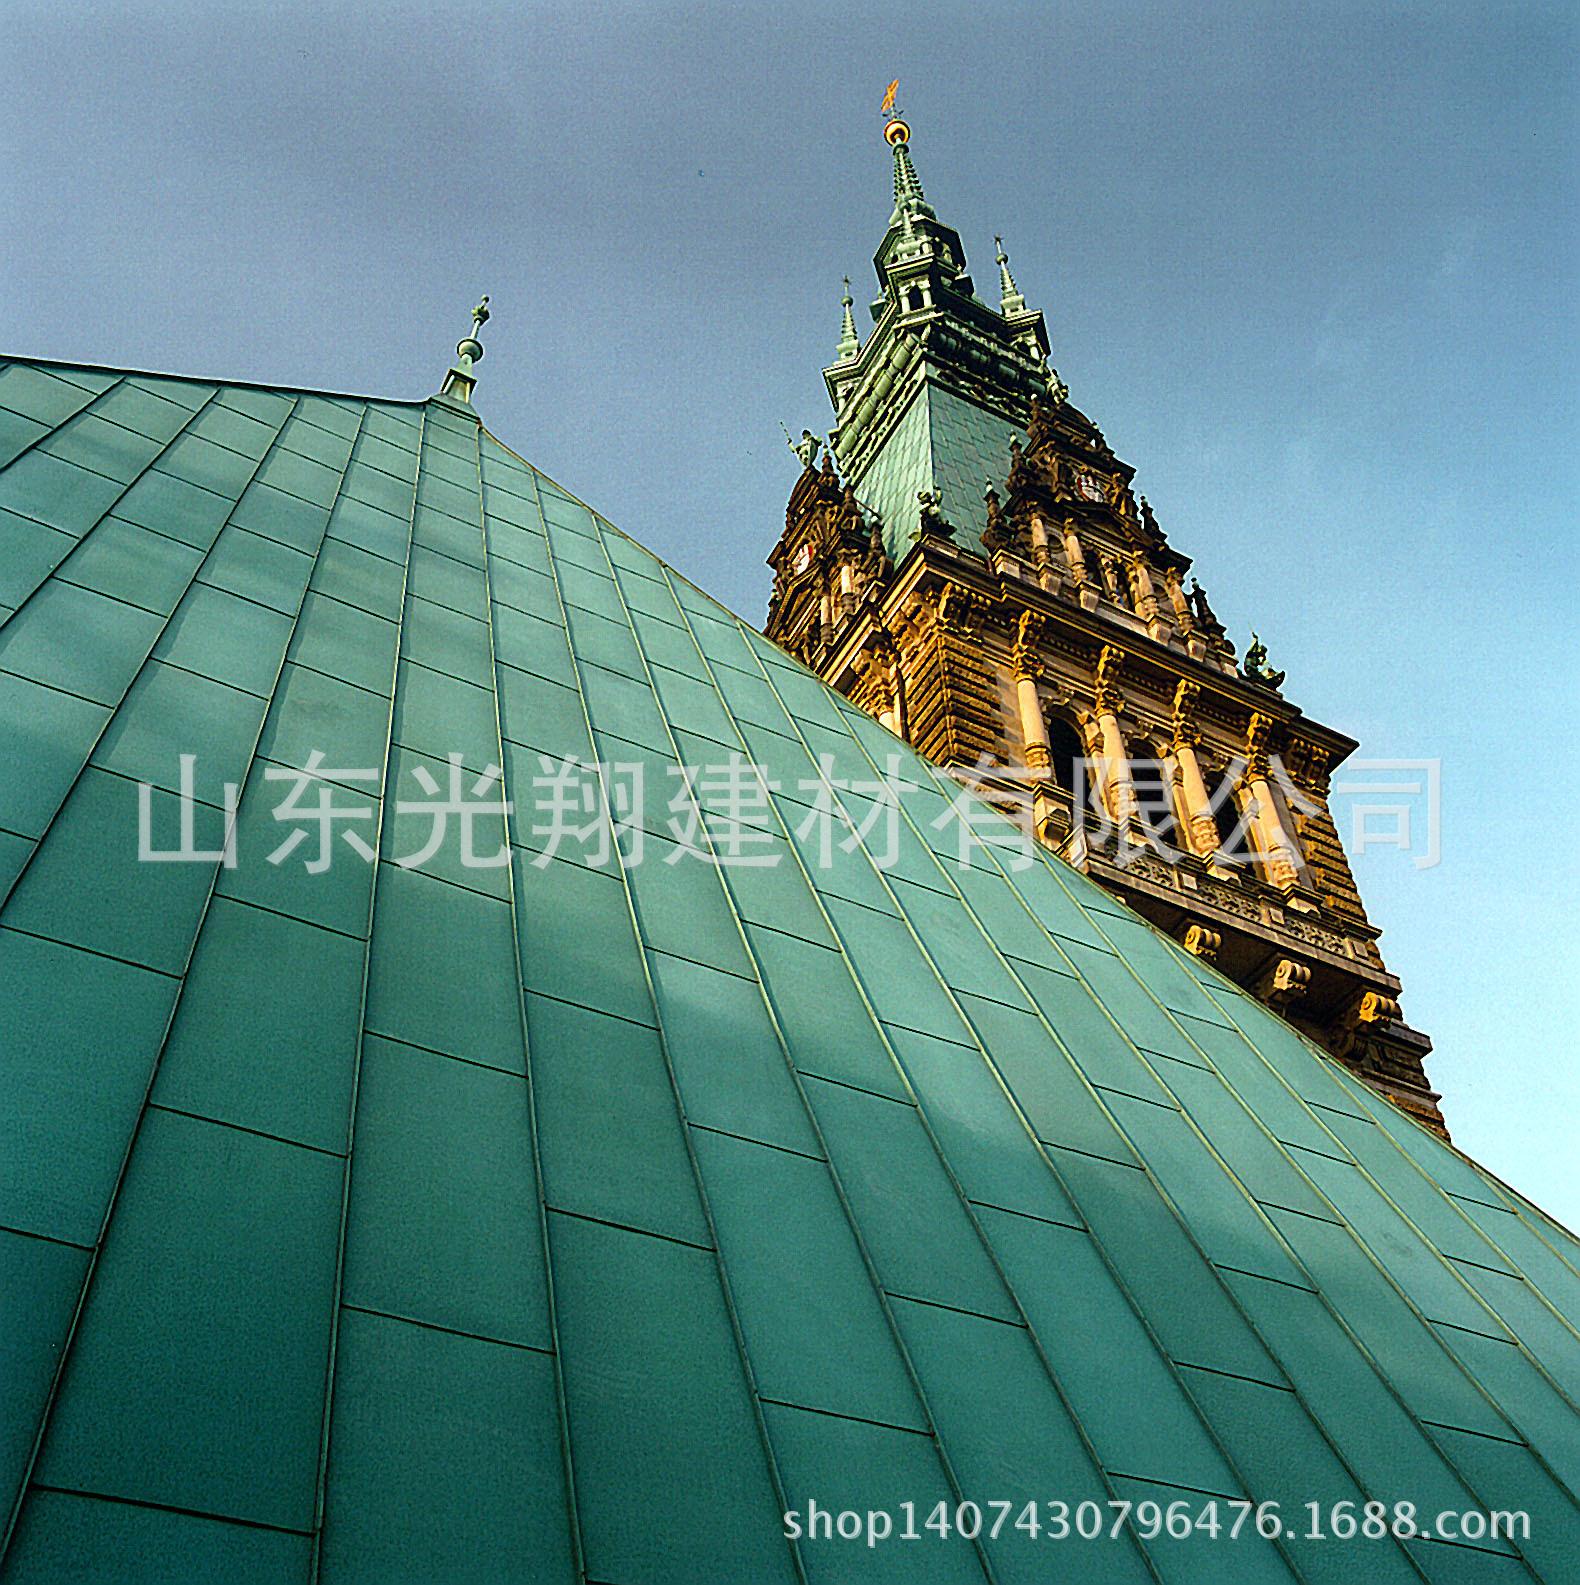 彩石金属瓦 彩钢瓦 屋顶 别墅屋面瓦 阿里巴巴